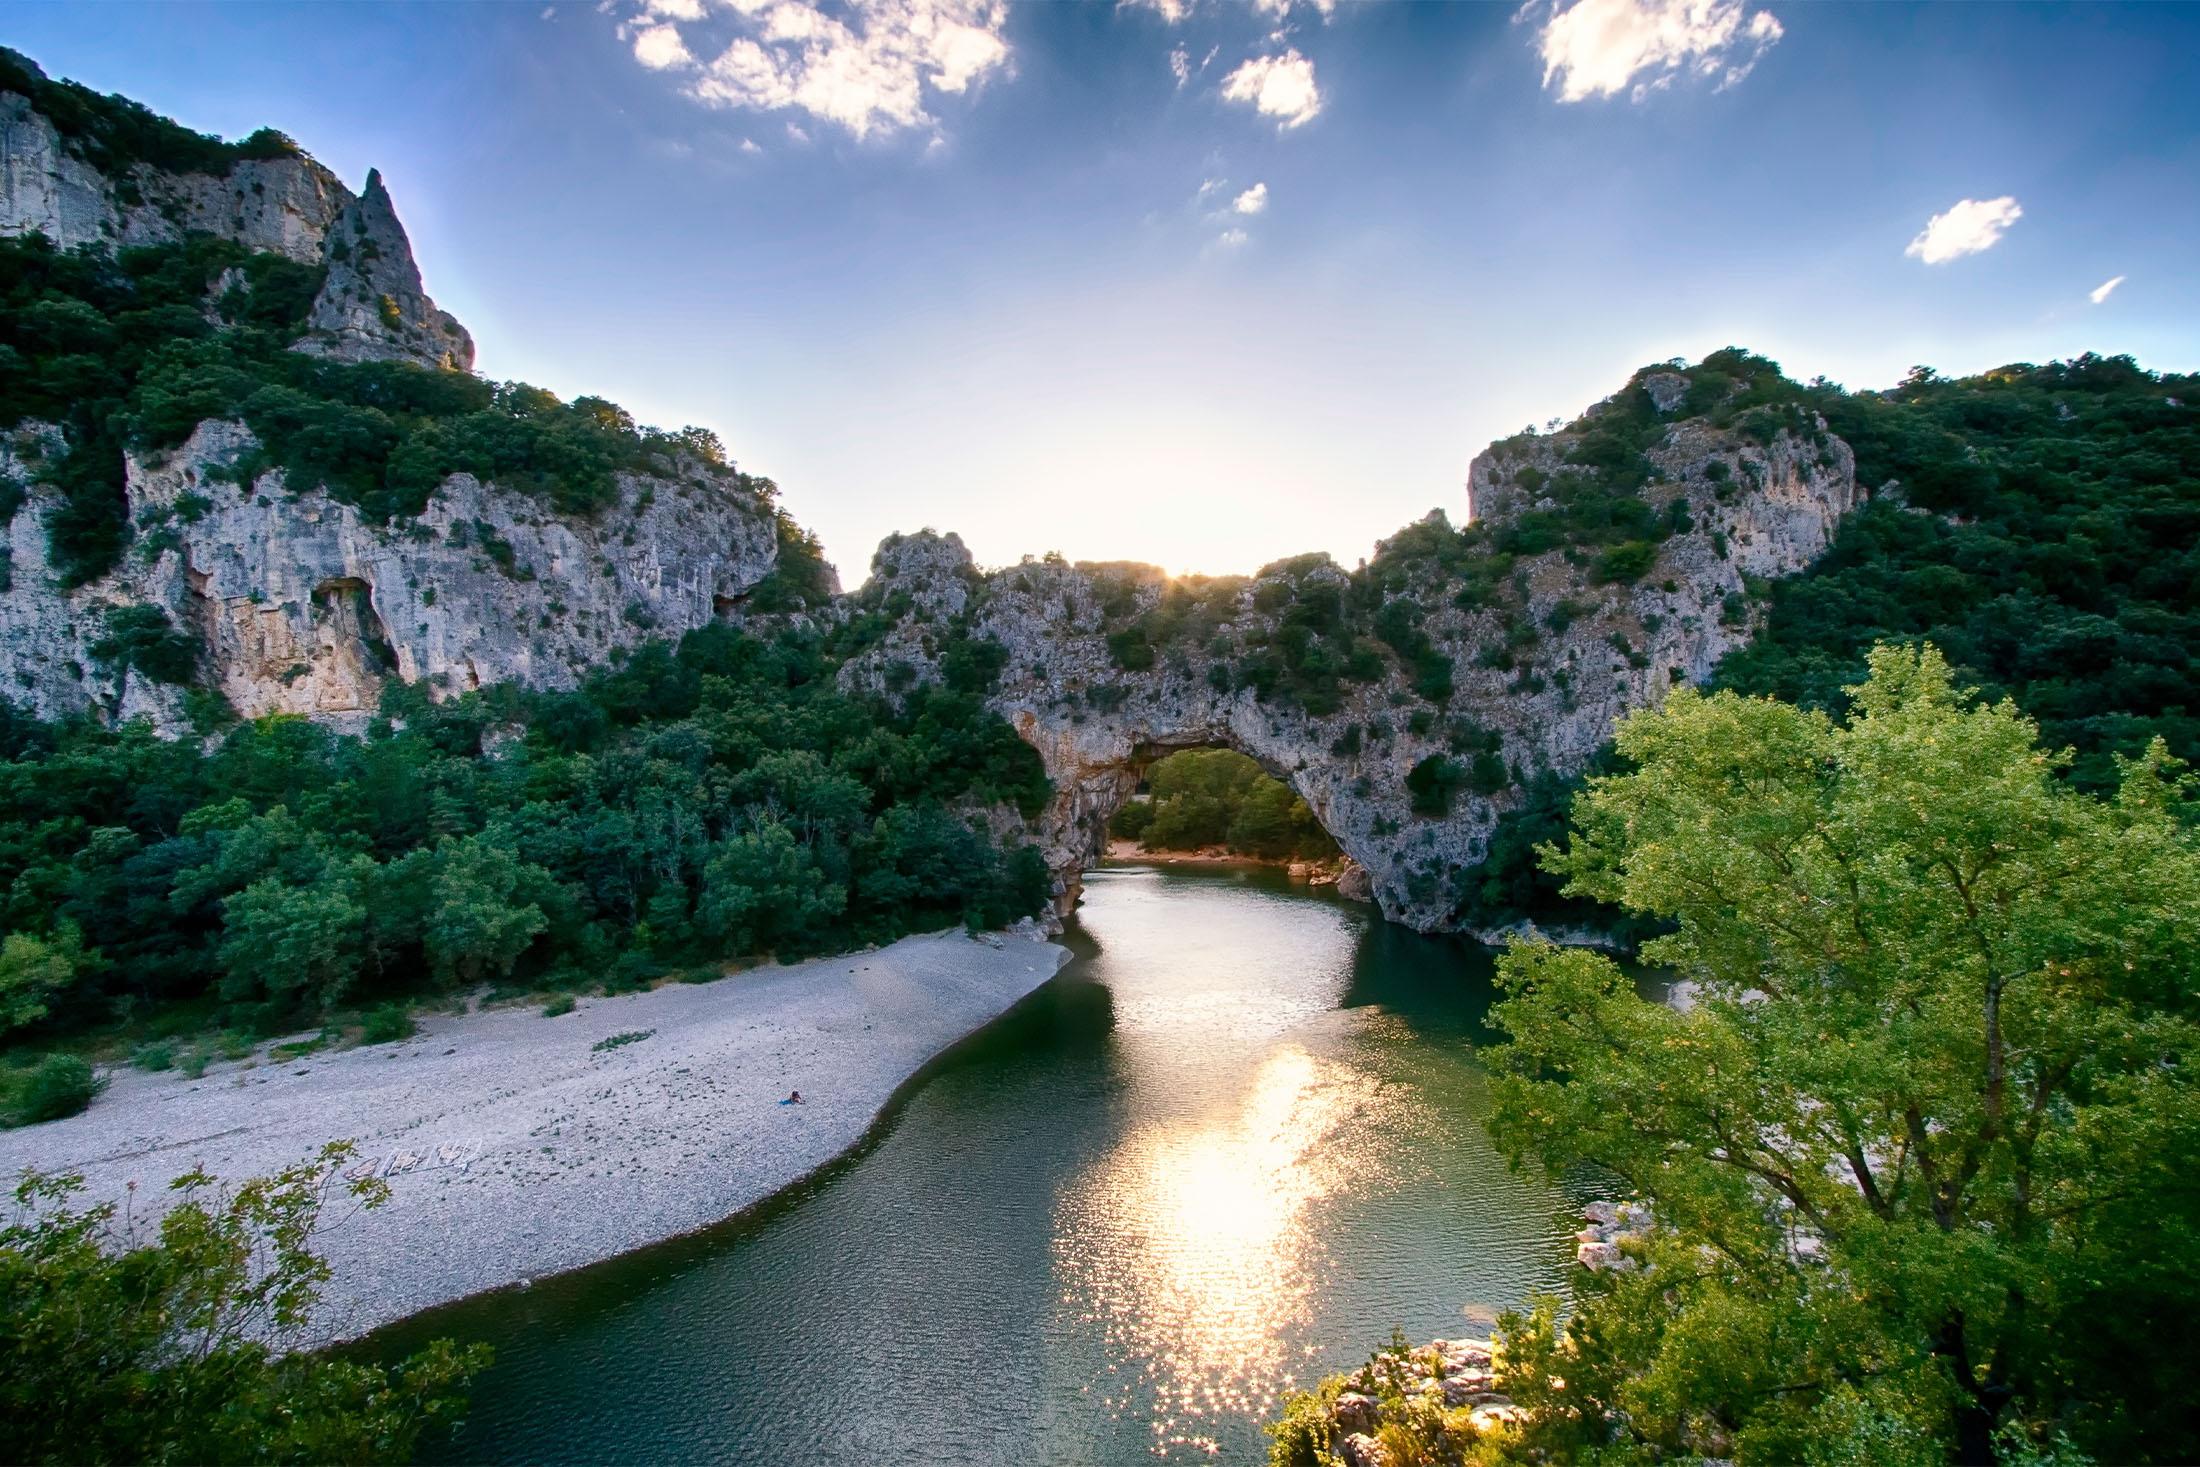 Que faire en Ardèche ? 10 micro-aventures pour (re)découvrir le territoire